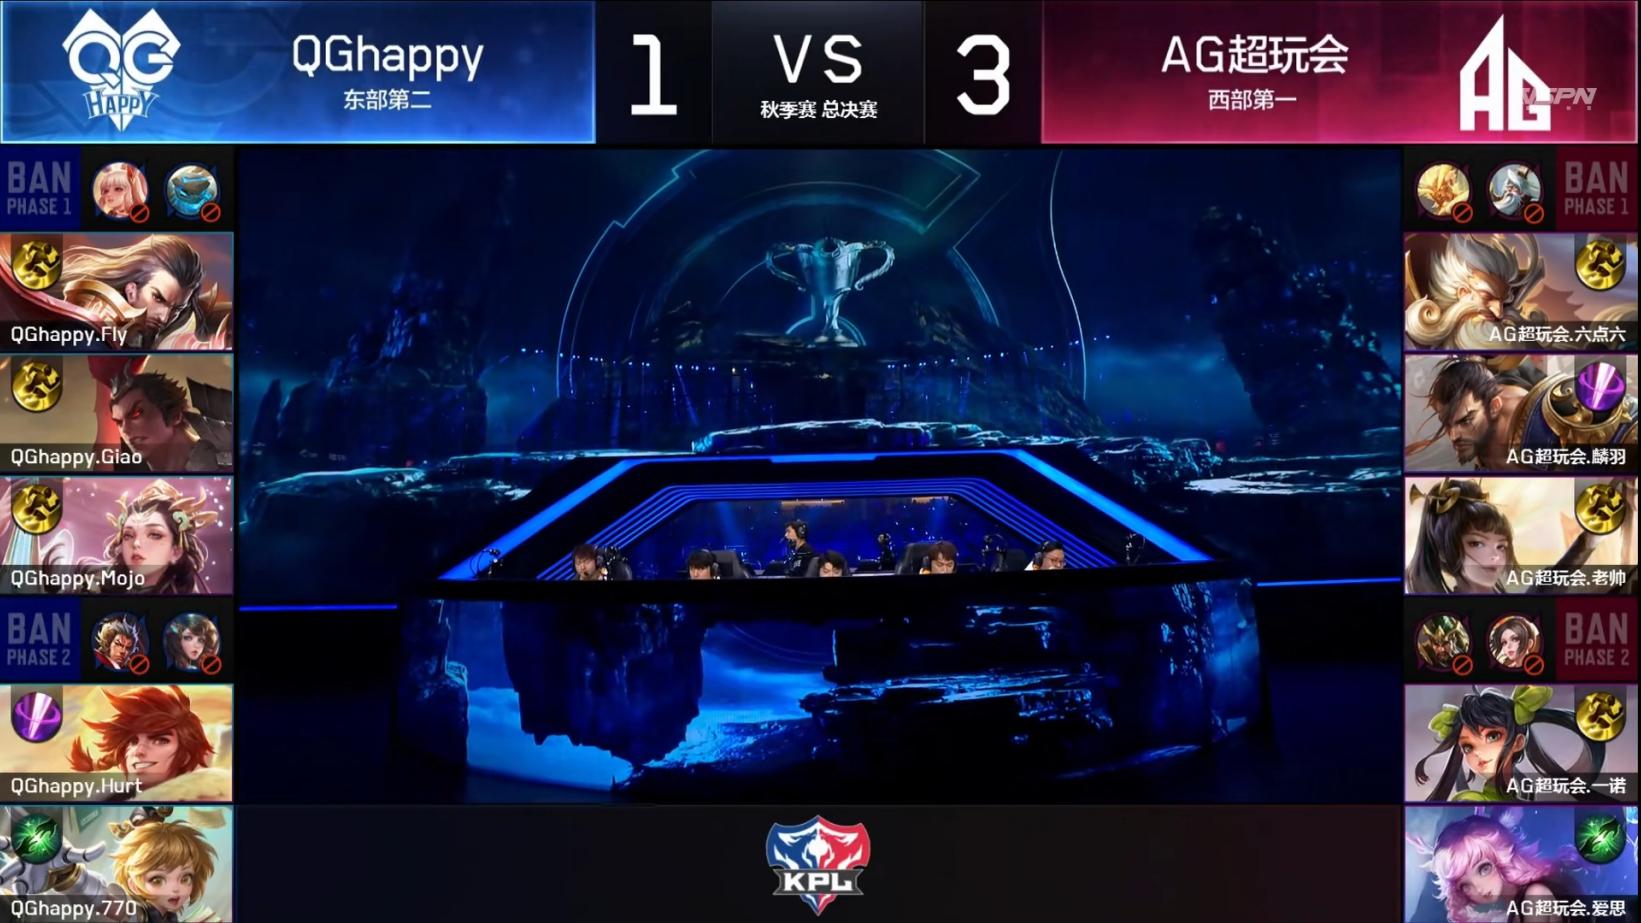 AG超玩会4:1战胜QGhappy,小猫咪涅磐即位,不敌推测终于被破